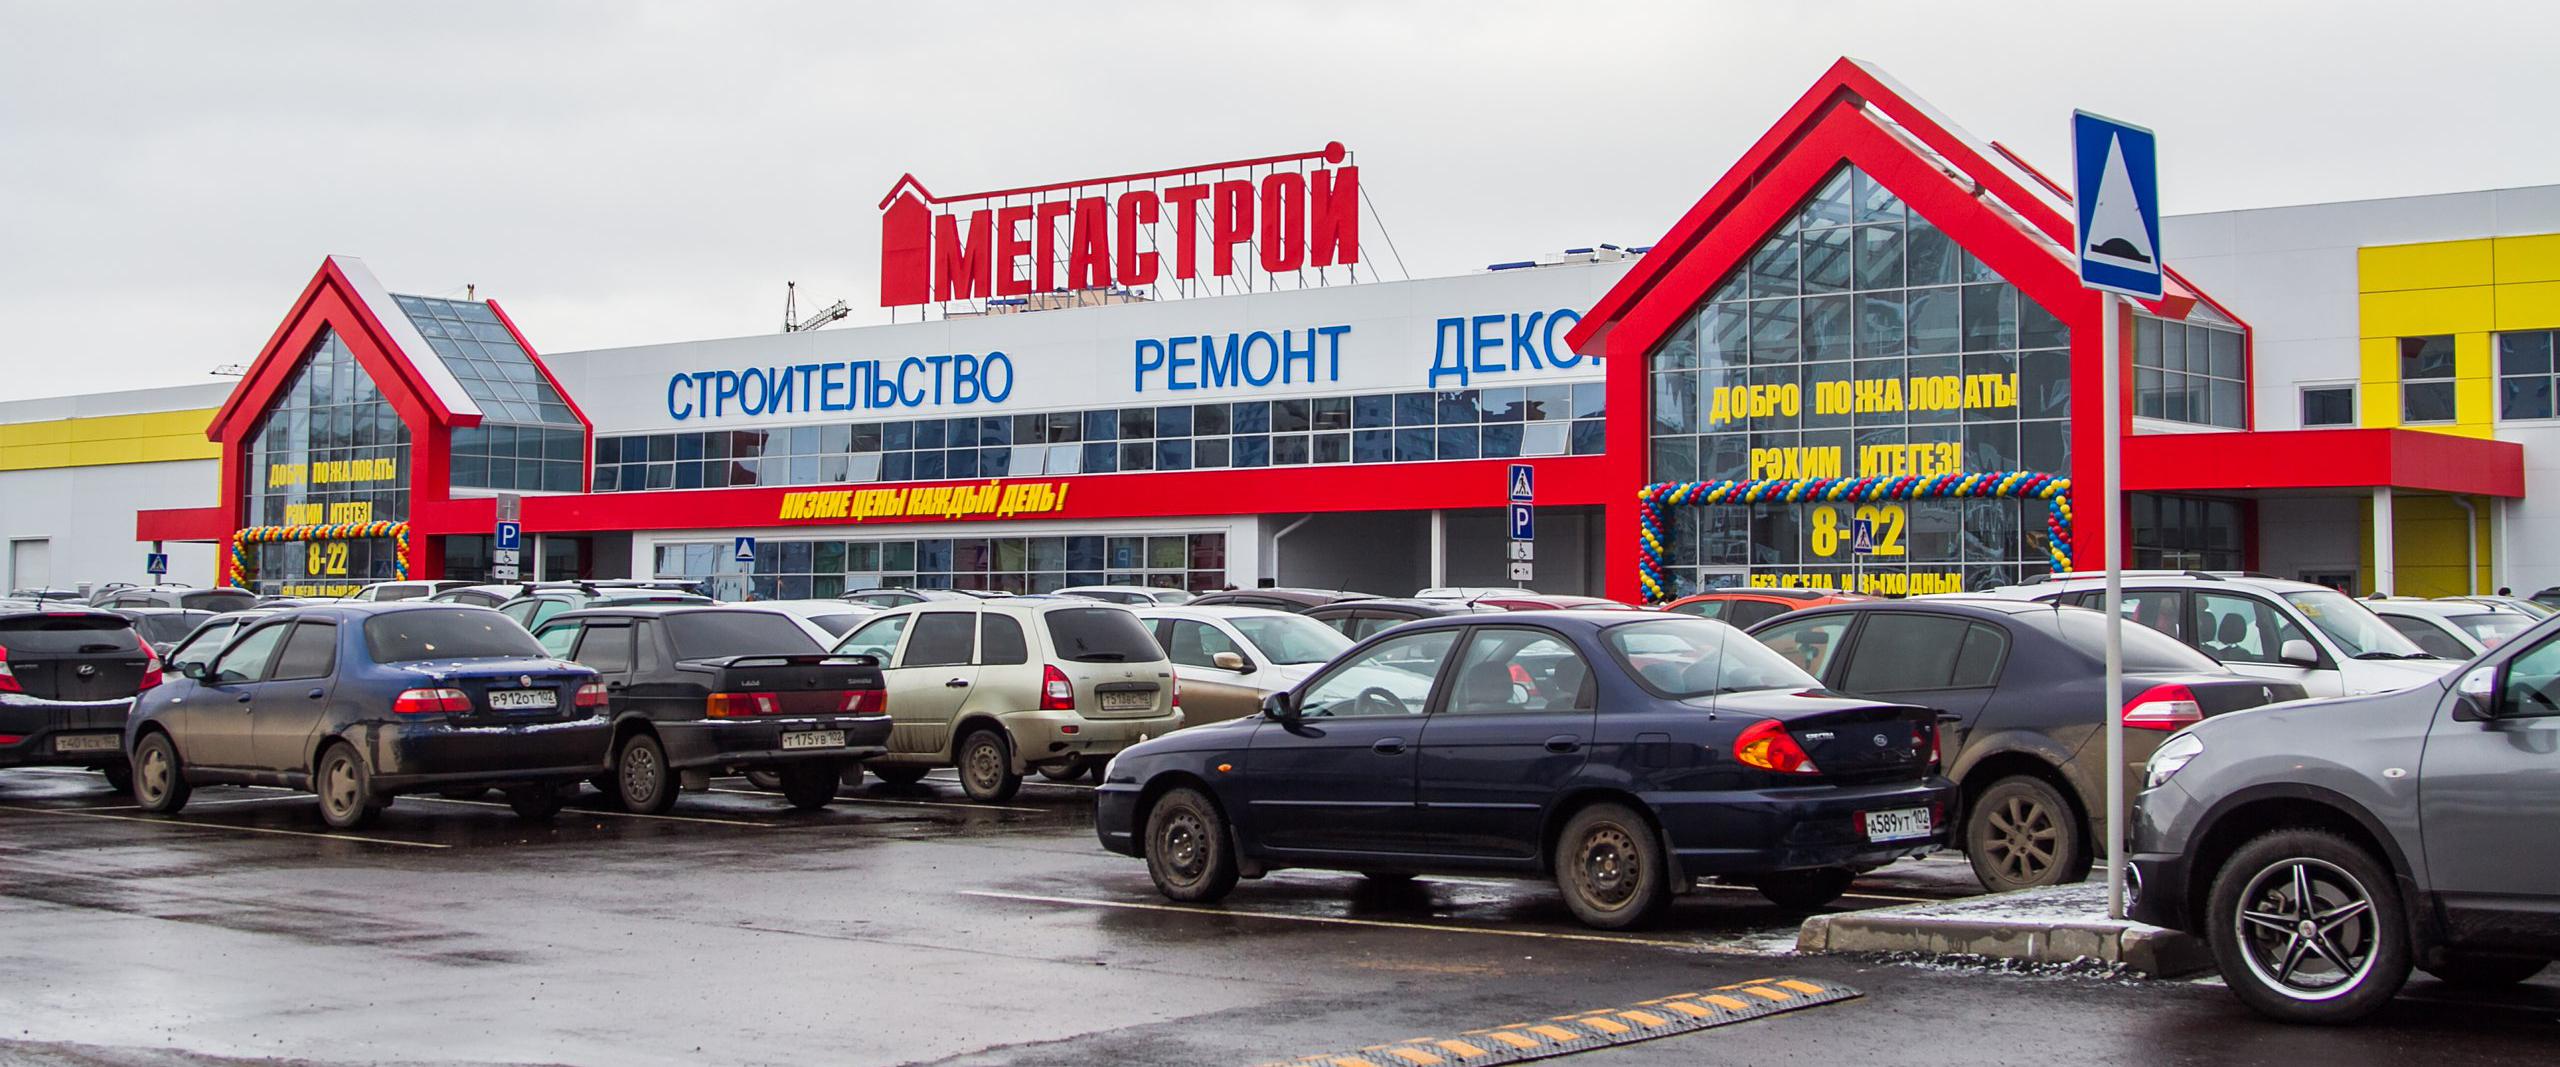 Мегастрой строительный гипермаркет